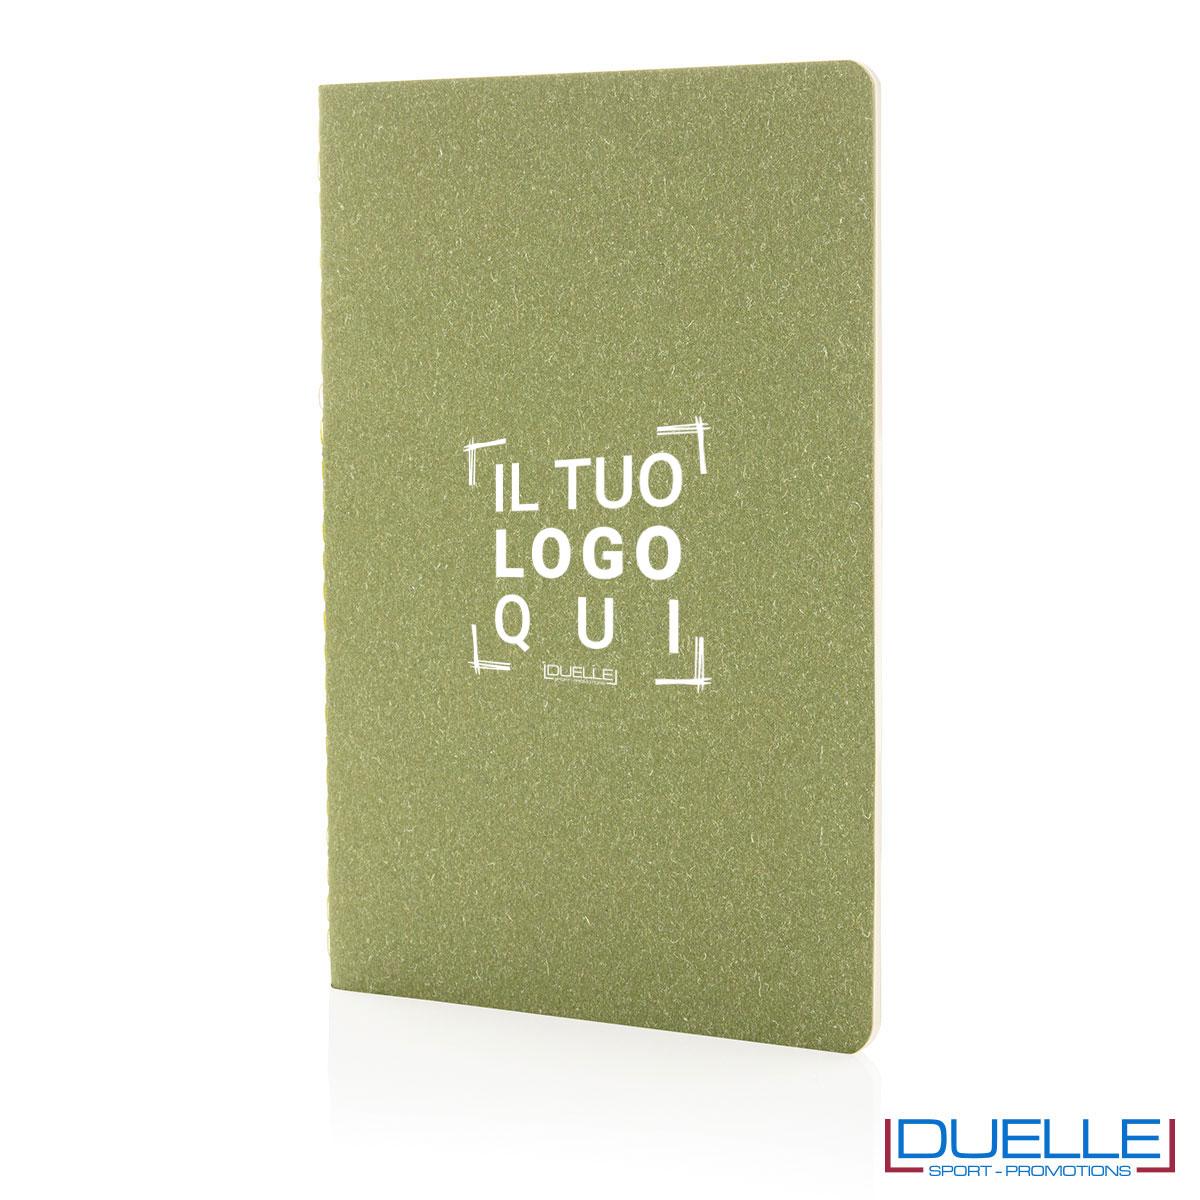 Blocco per appunti A5 slim con copertina flessibile con il tuo logo - verde